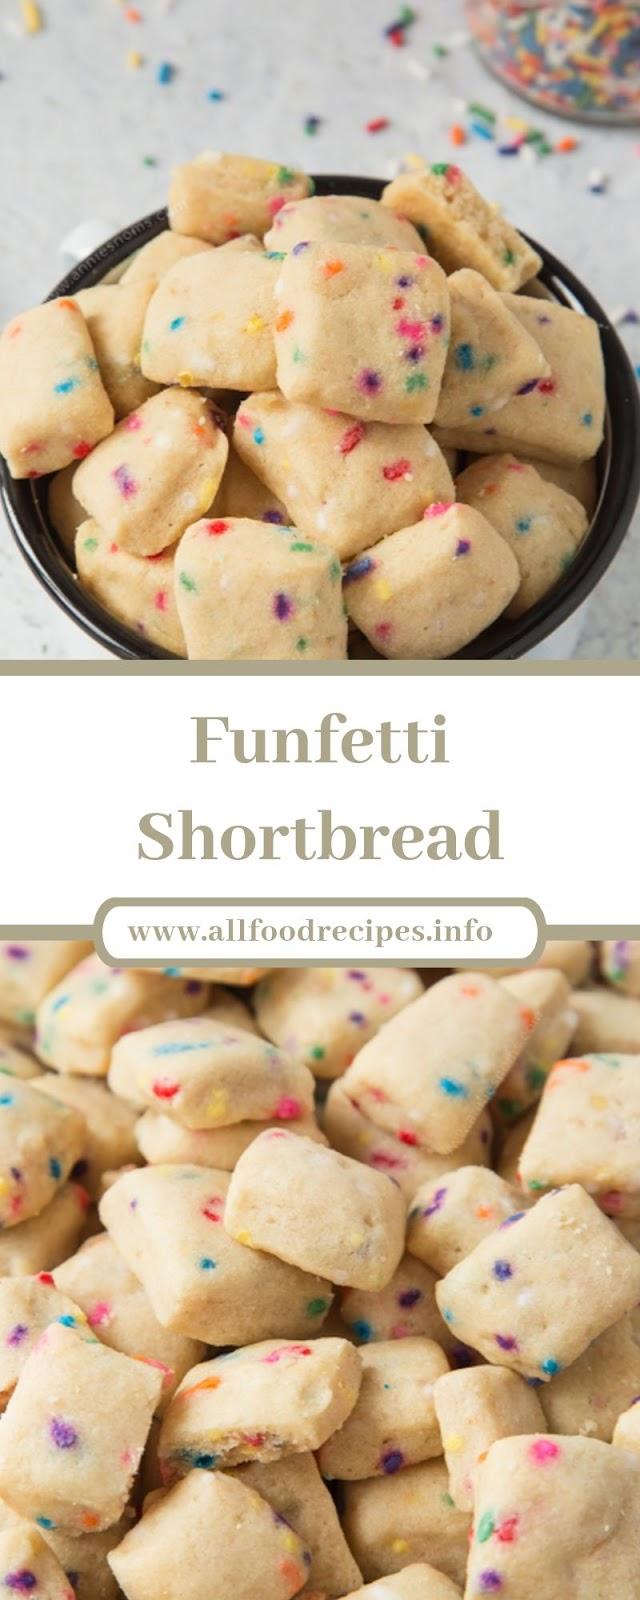 Funfetti Shortbread Funfetti Shortbread